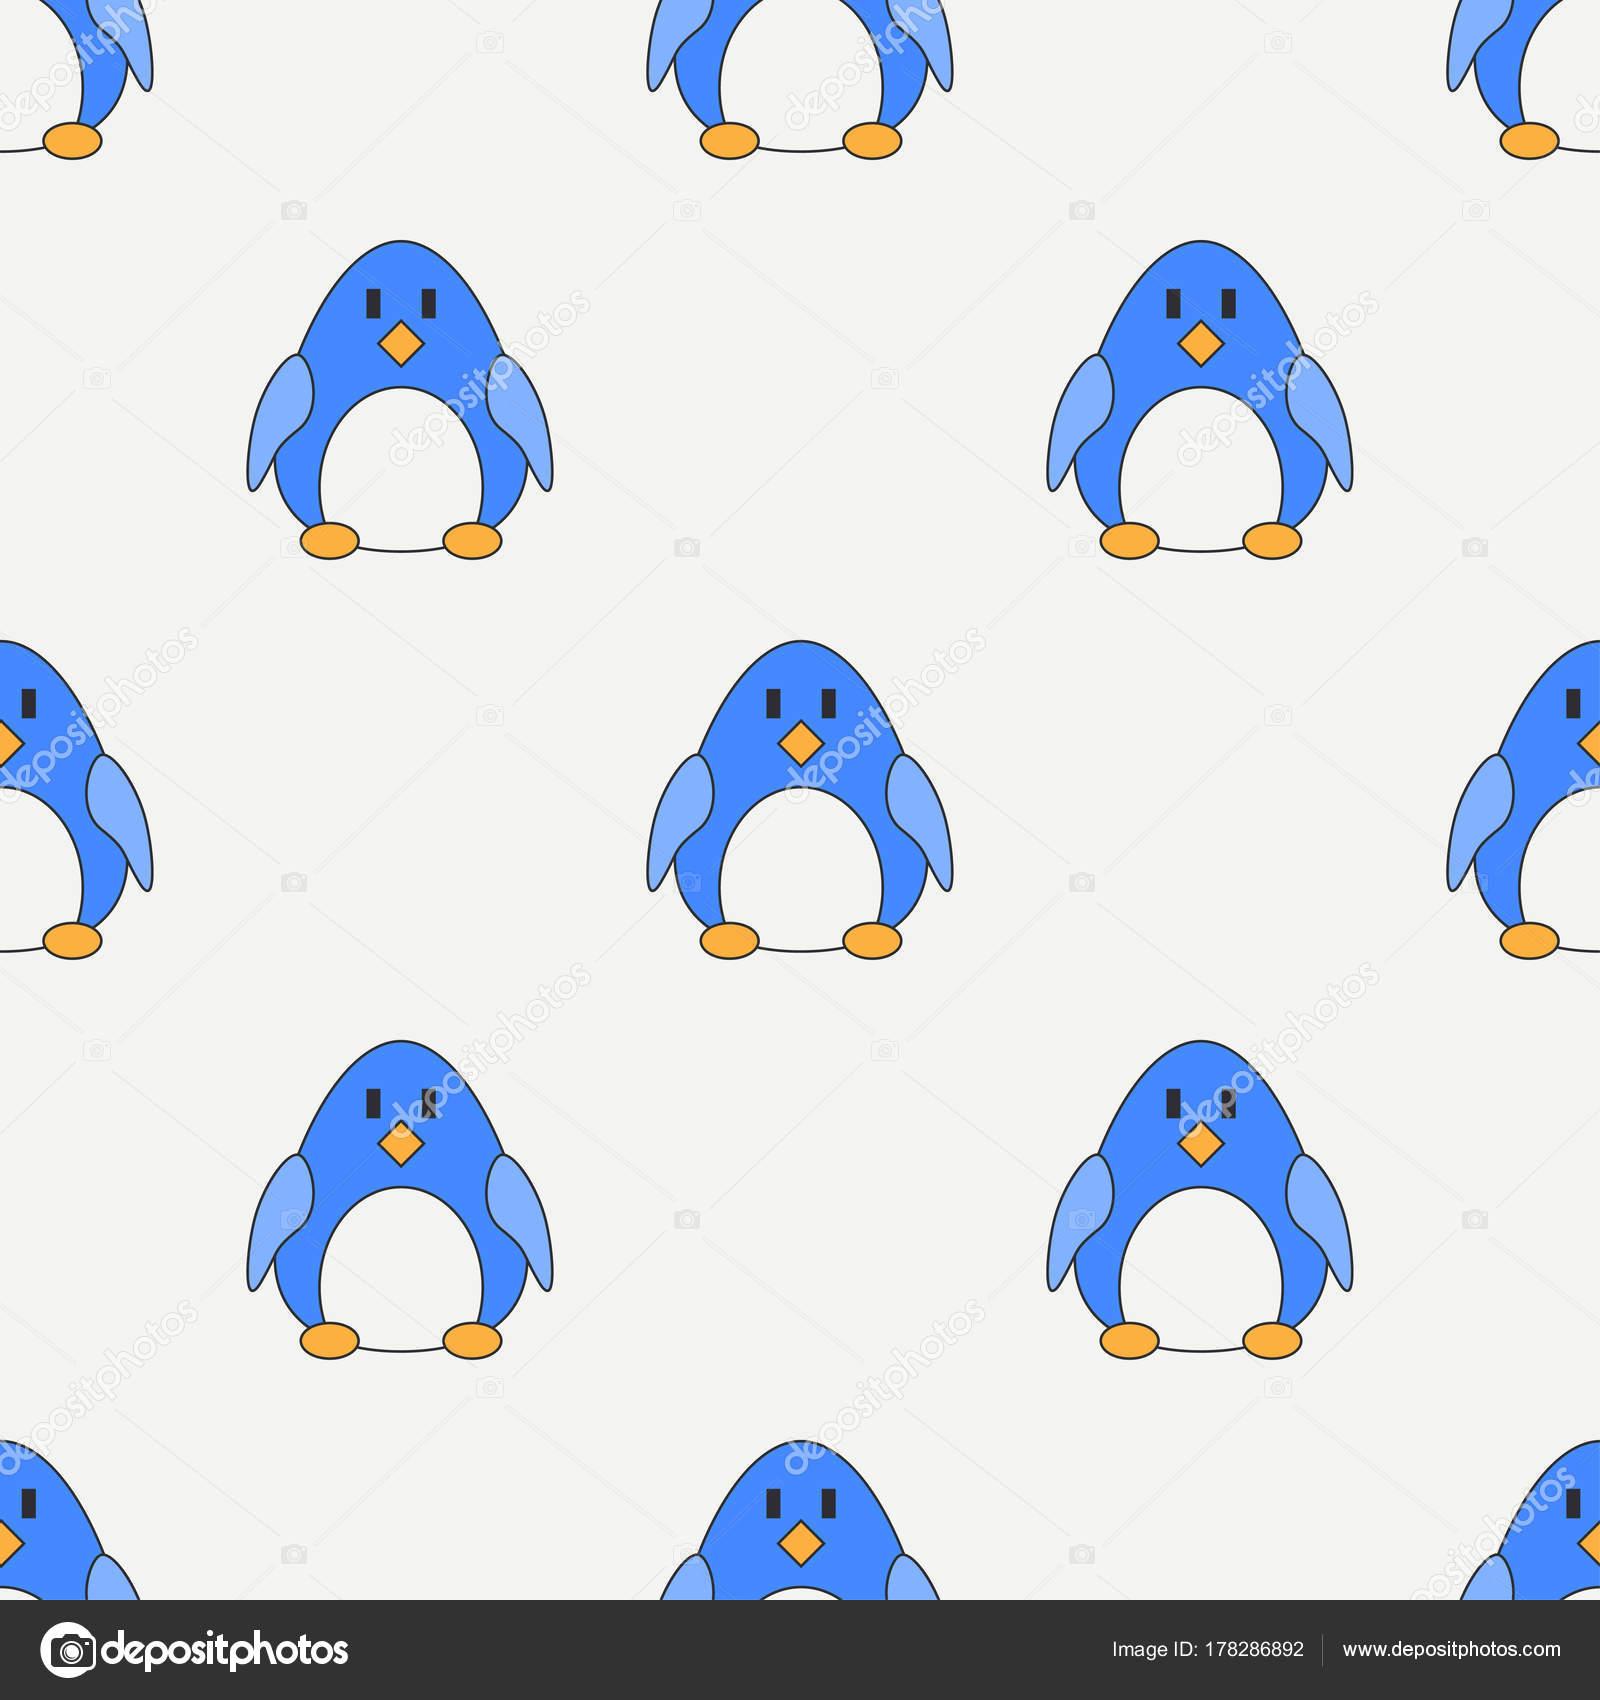 a8a0b75ac Línea plana color vector patrón lindo animal para bebes - pingüino. Estilo  de dibujos animados. Doodle de los niños. Infancia. Recién nacido.